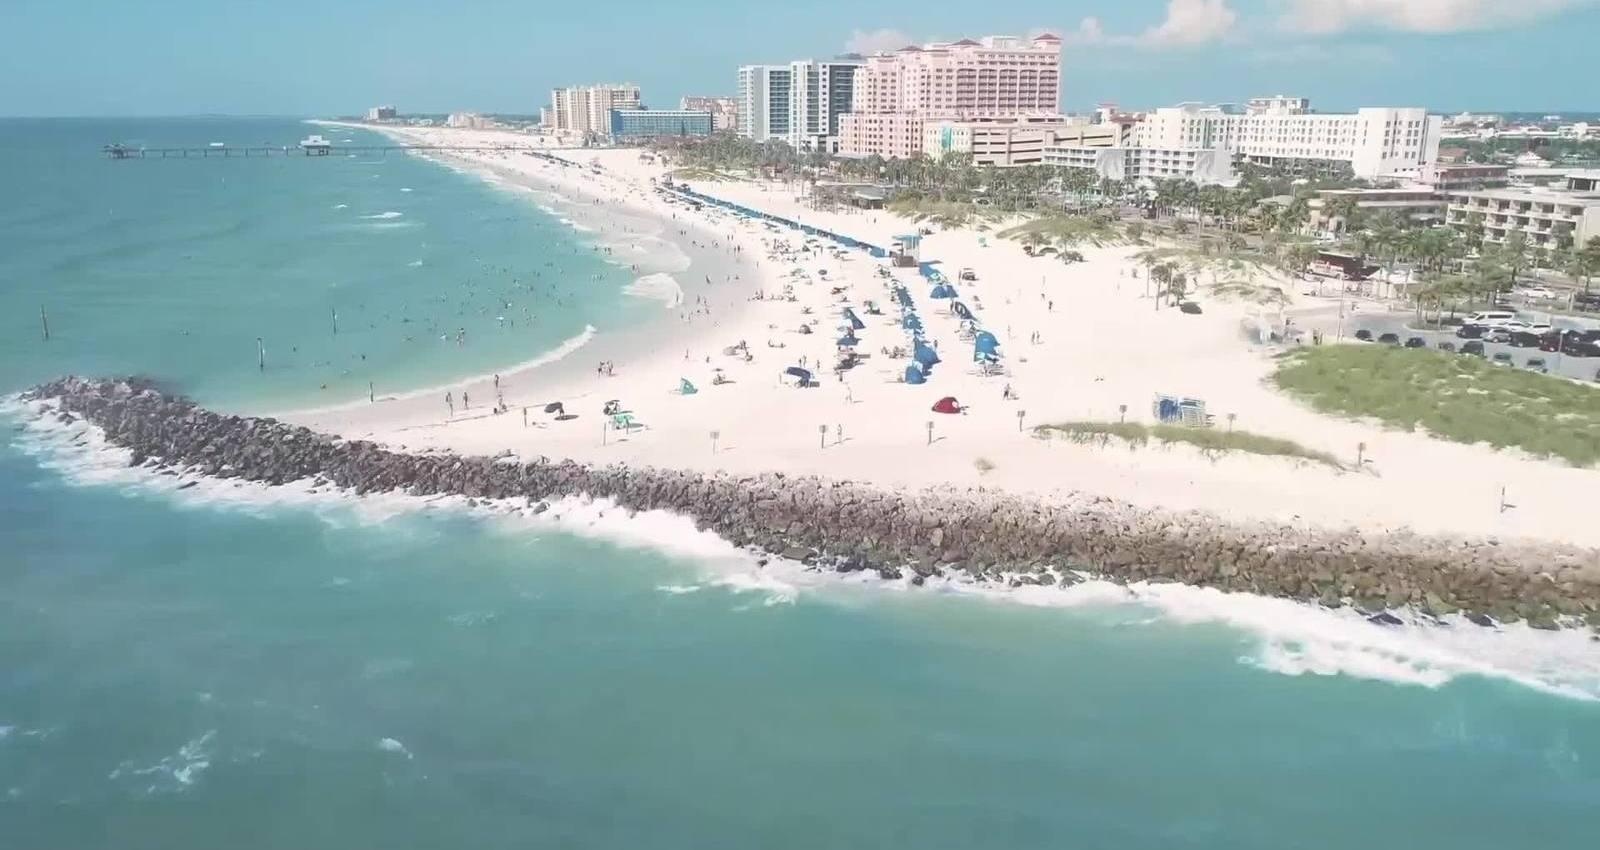 Melting Florida